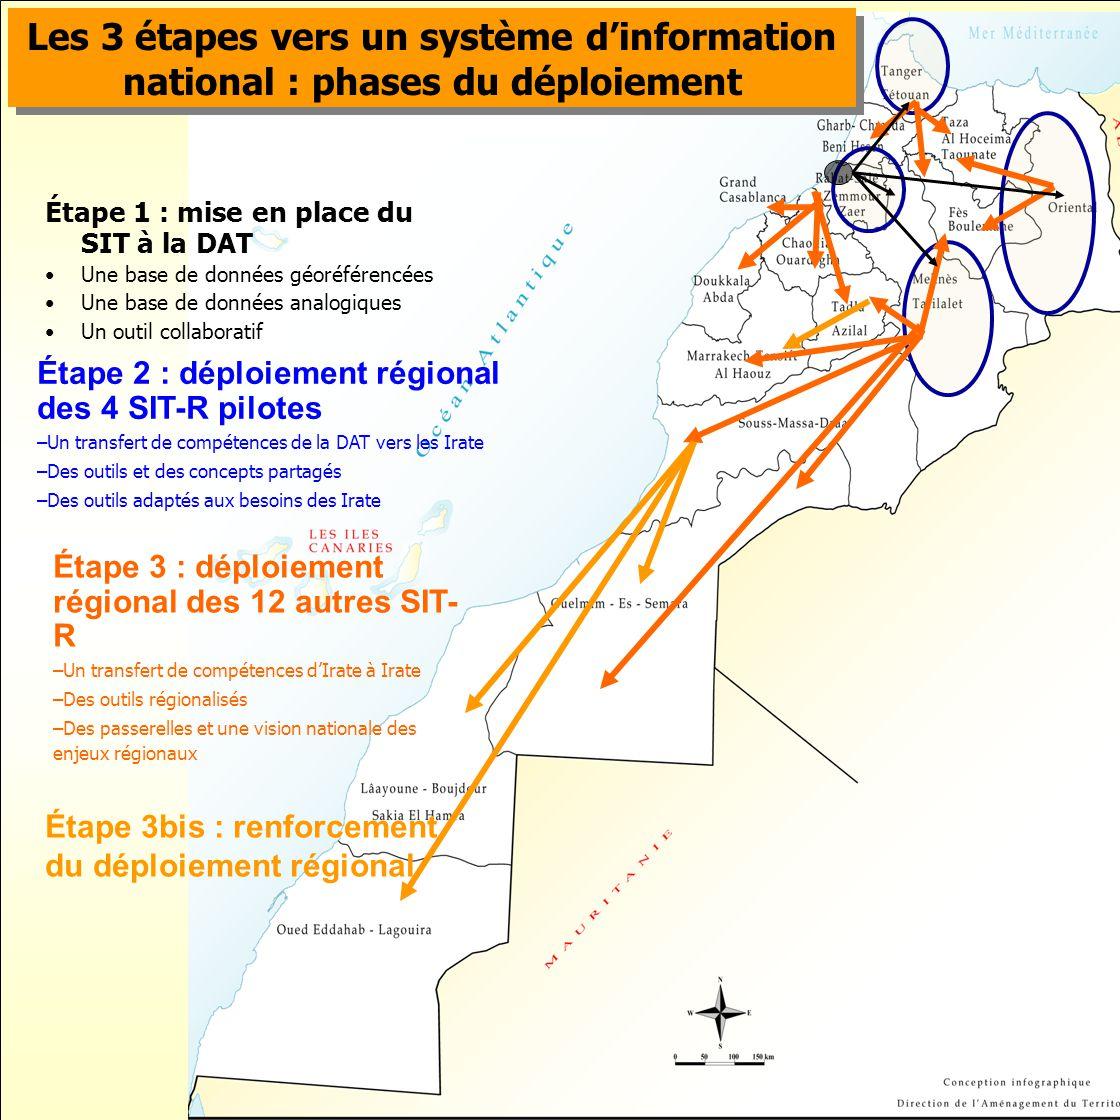 Les 3 étapes vers un système d'information national : phases du déploiement